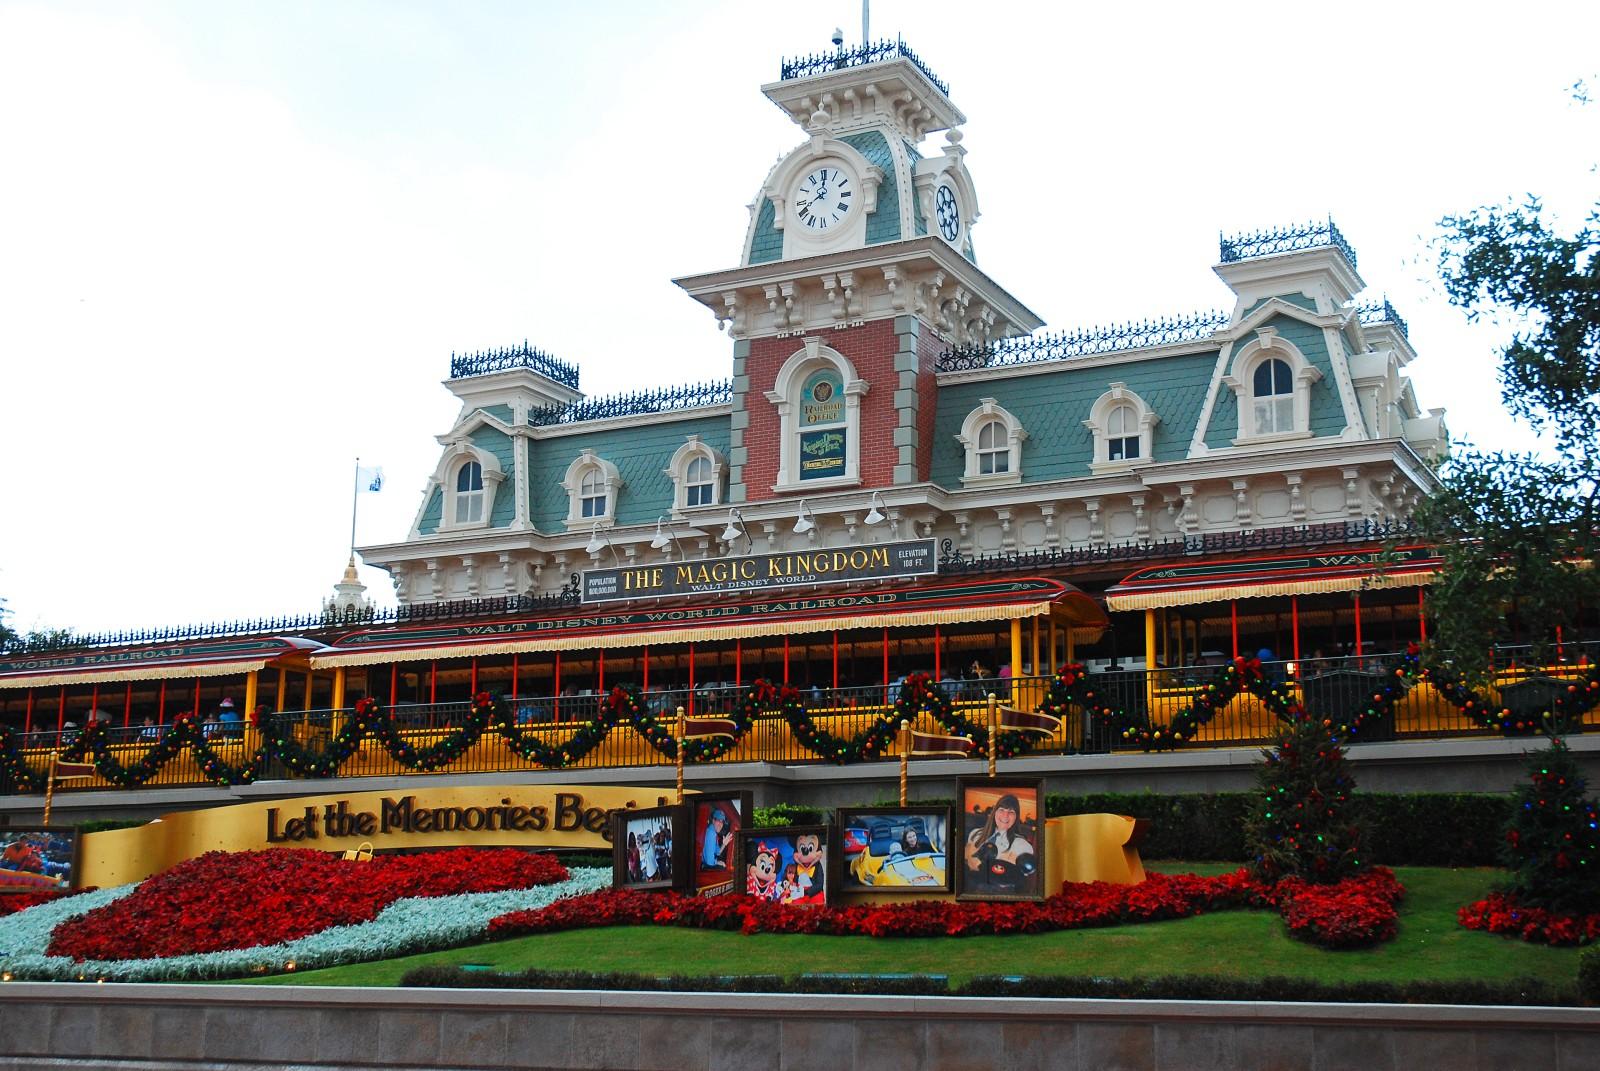 Nach einer Analyse durch das Unternehmen Uswitch ist das Magic Kingdom der Walt Disney World die umweltfreundlichste Touristenattraktion 2020.